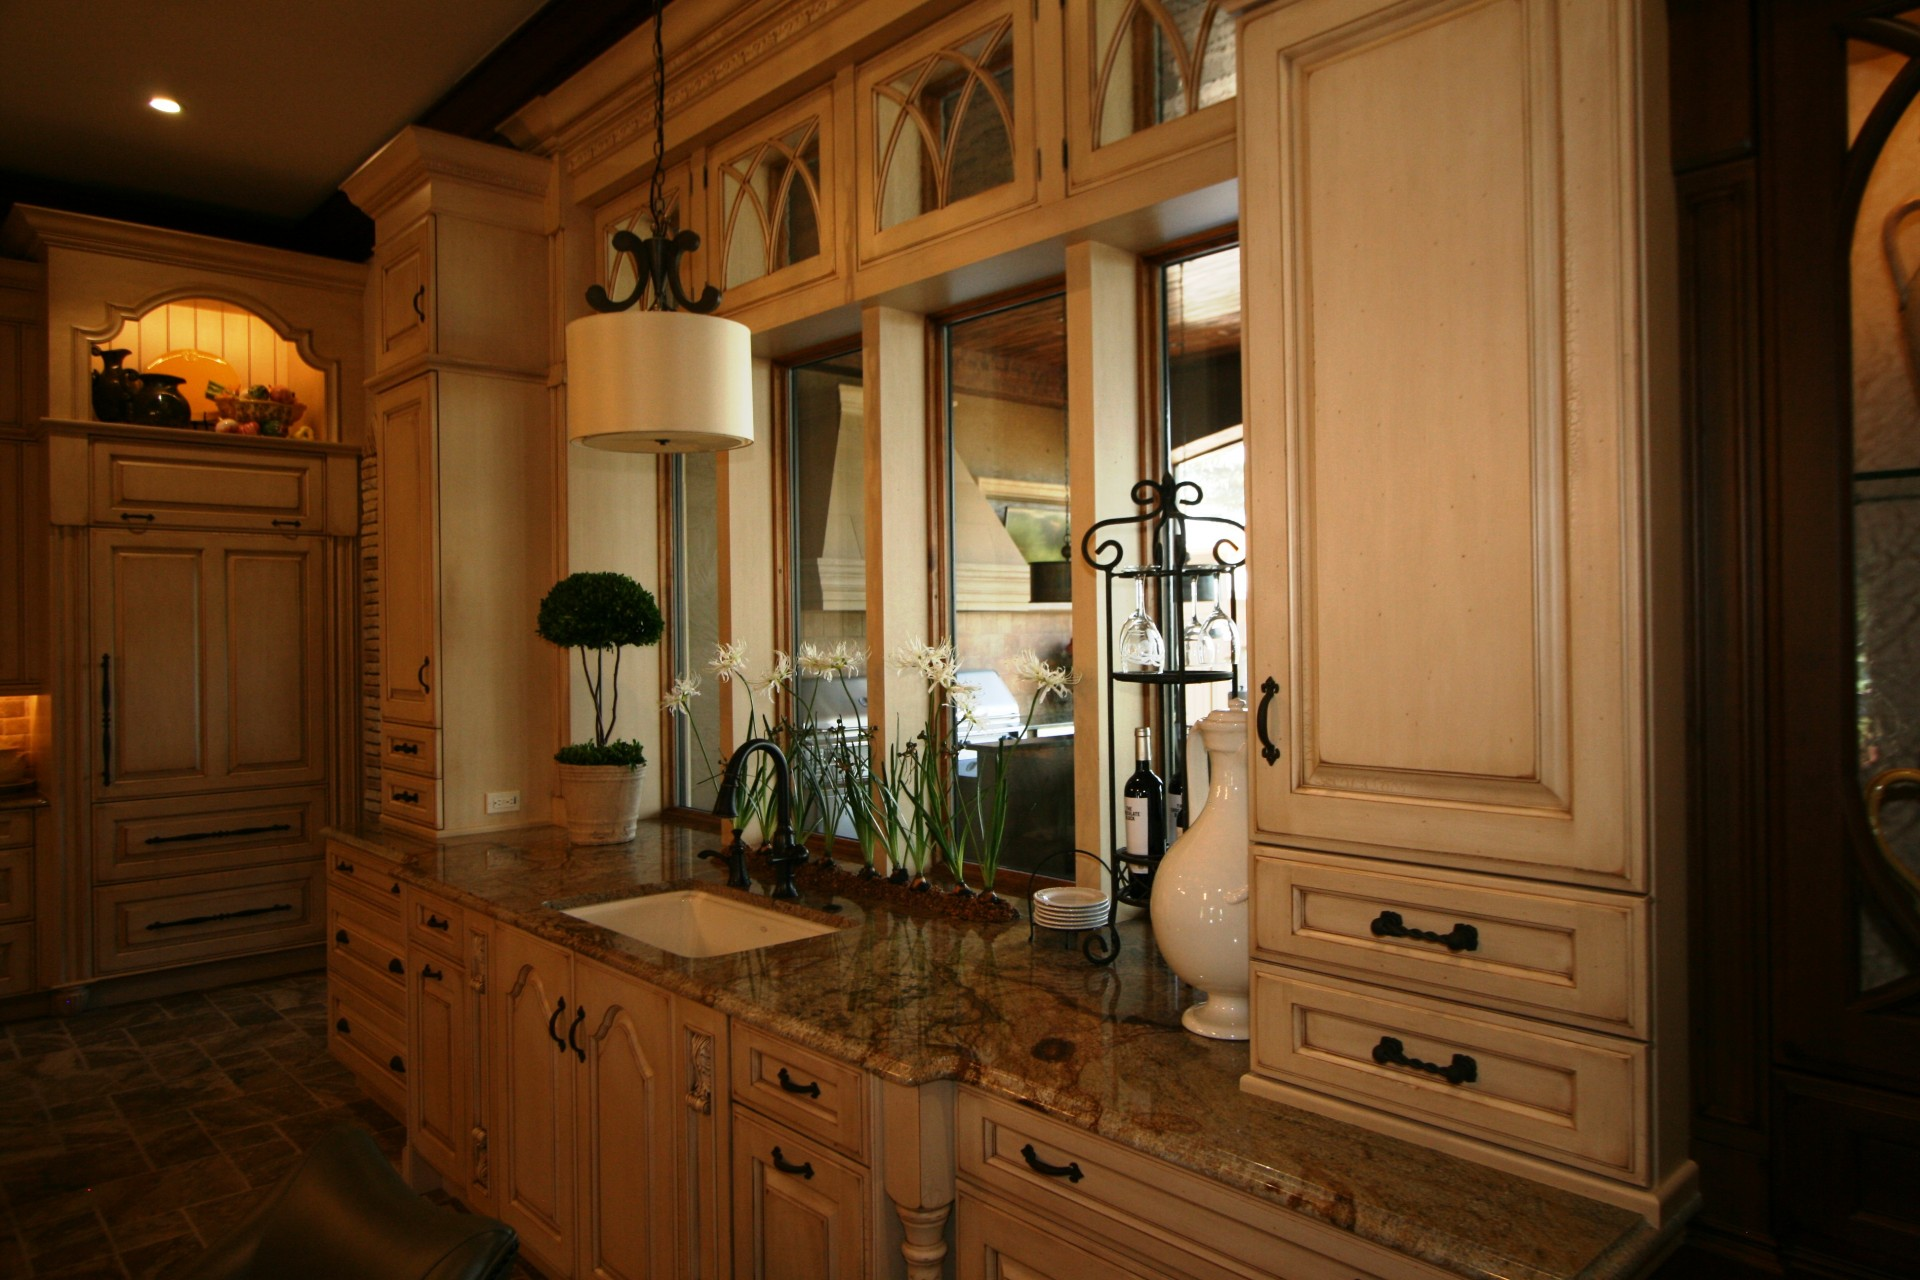 Damron kitchen, side